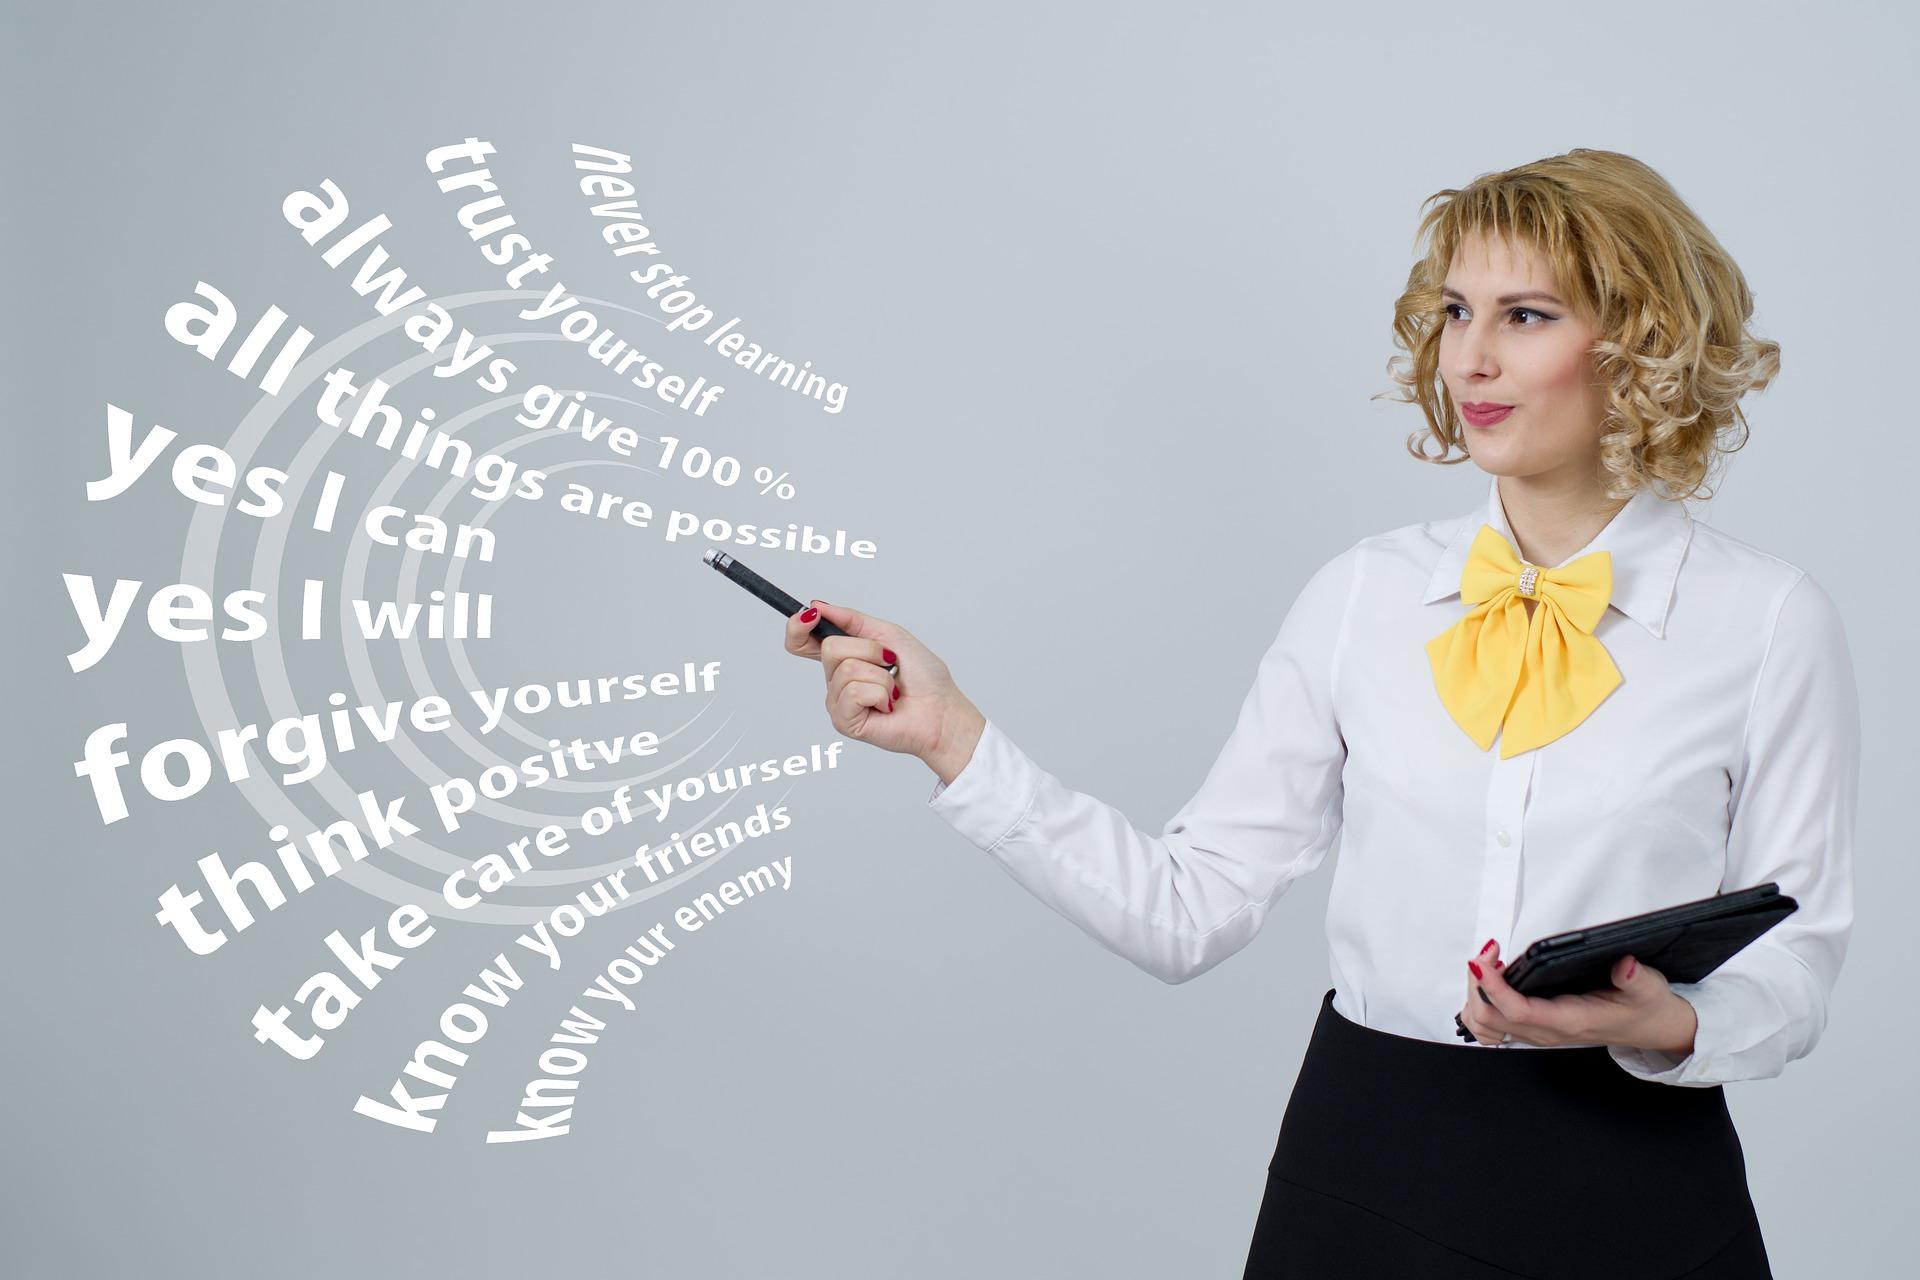 Vom Mitarbeiter zum Vorgesetzten - Von der Mitarbeiterin zur Vorgesetzten